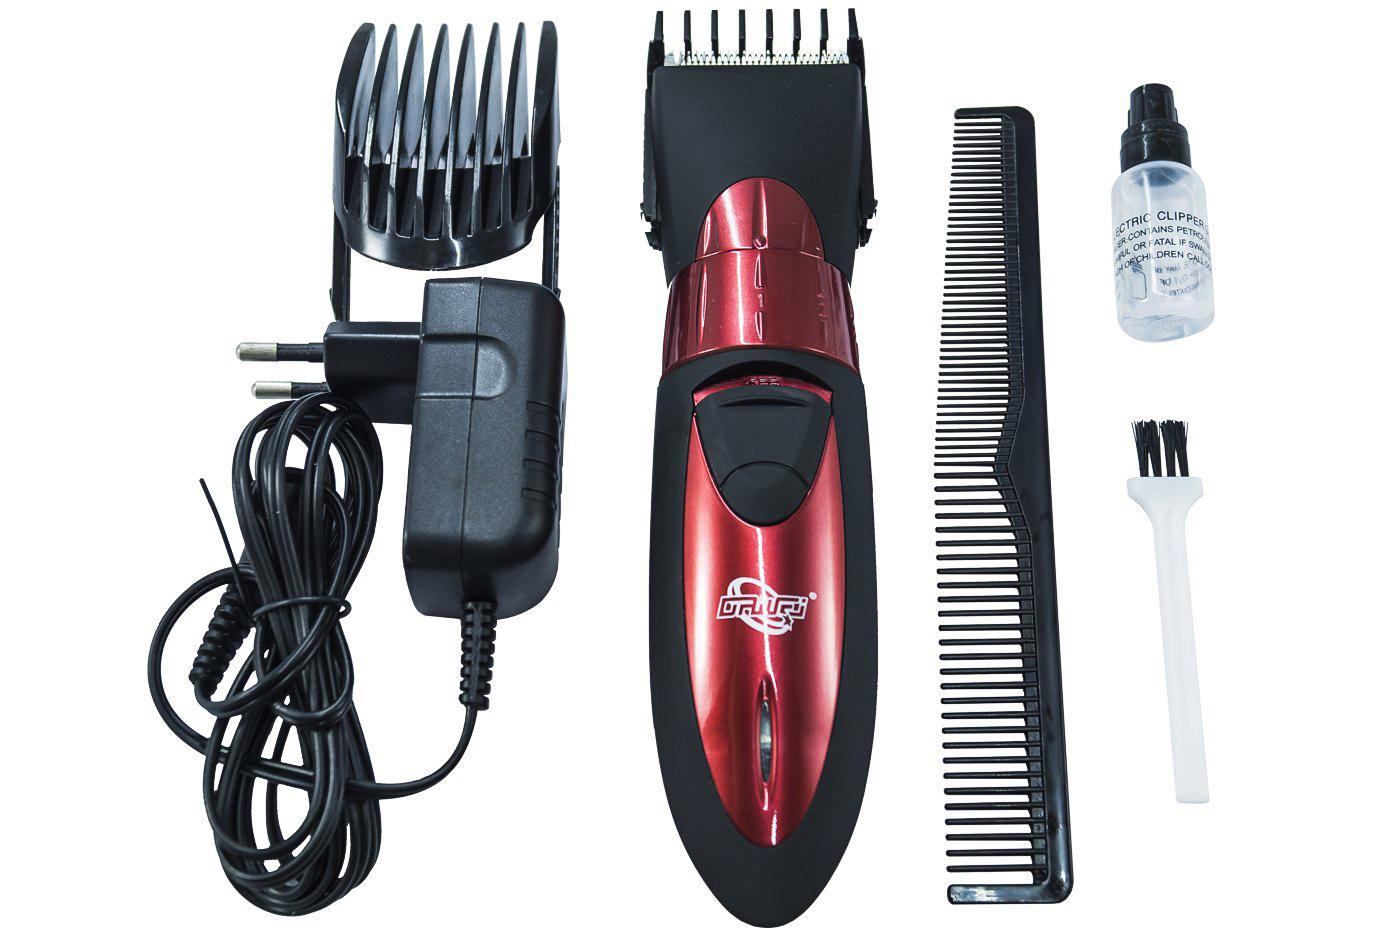 Kit rasoio elettrico per uomo taglia capelli regola barba ...